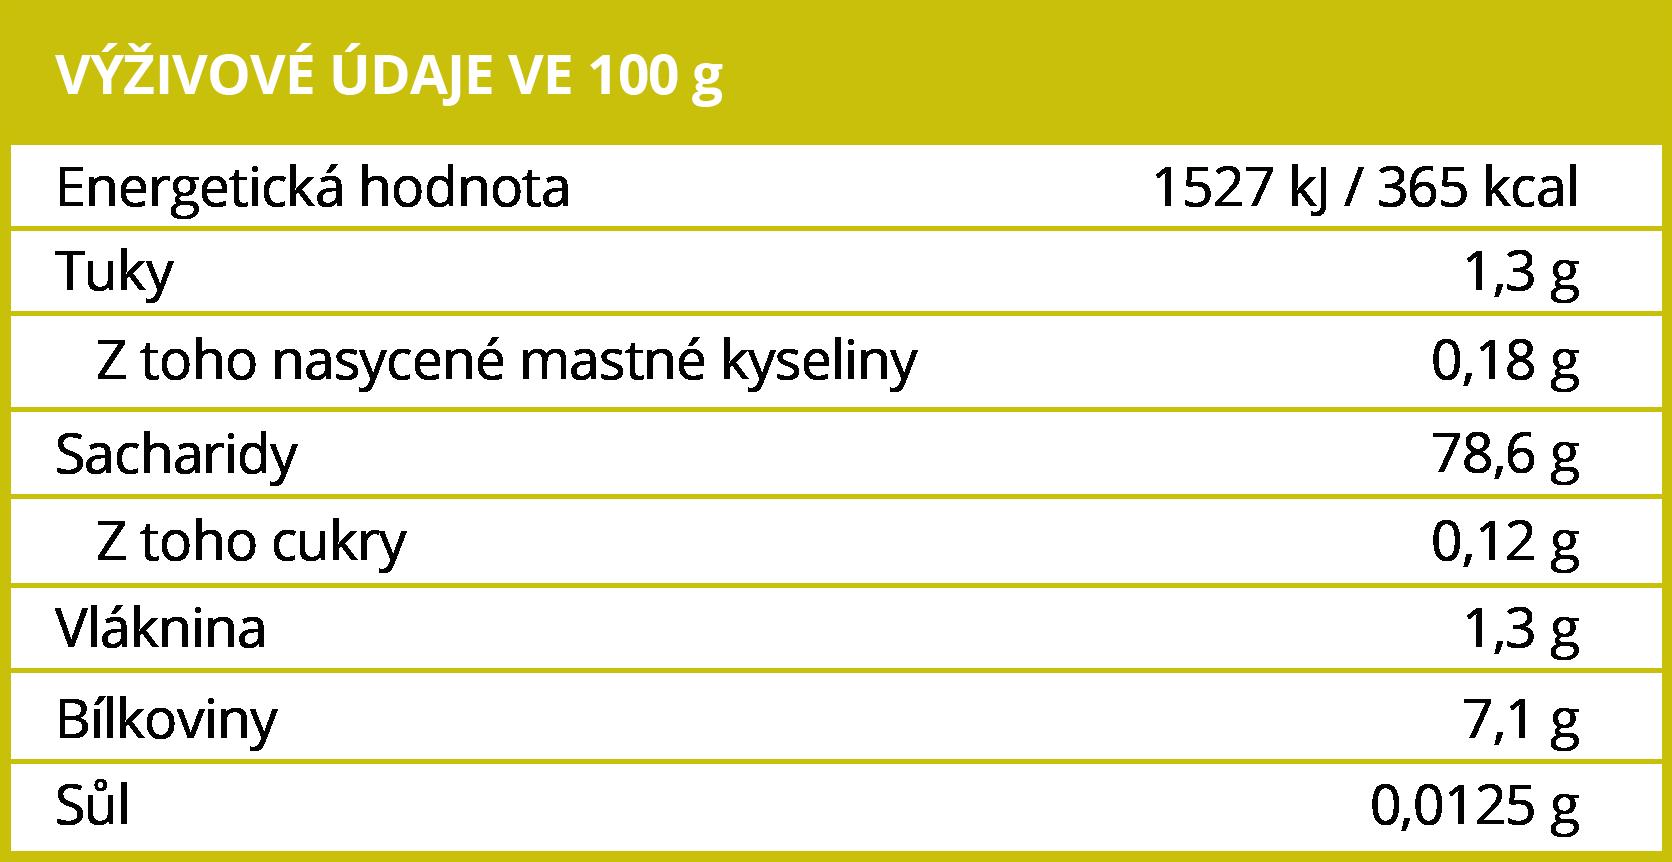 Výživové hodnoty BrainMax Pure Rýže - bílá, Basmati BIO, 1kg - BrainMarket.cz